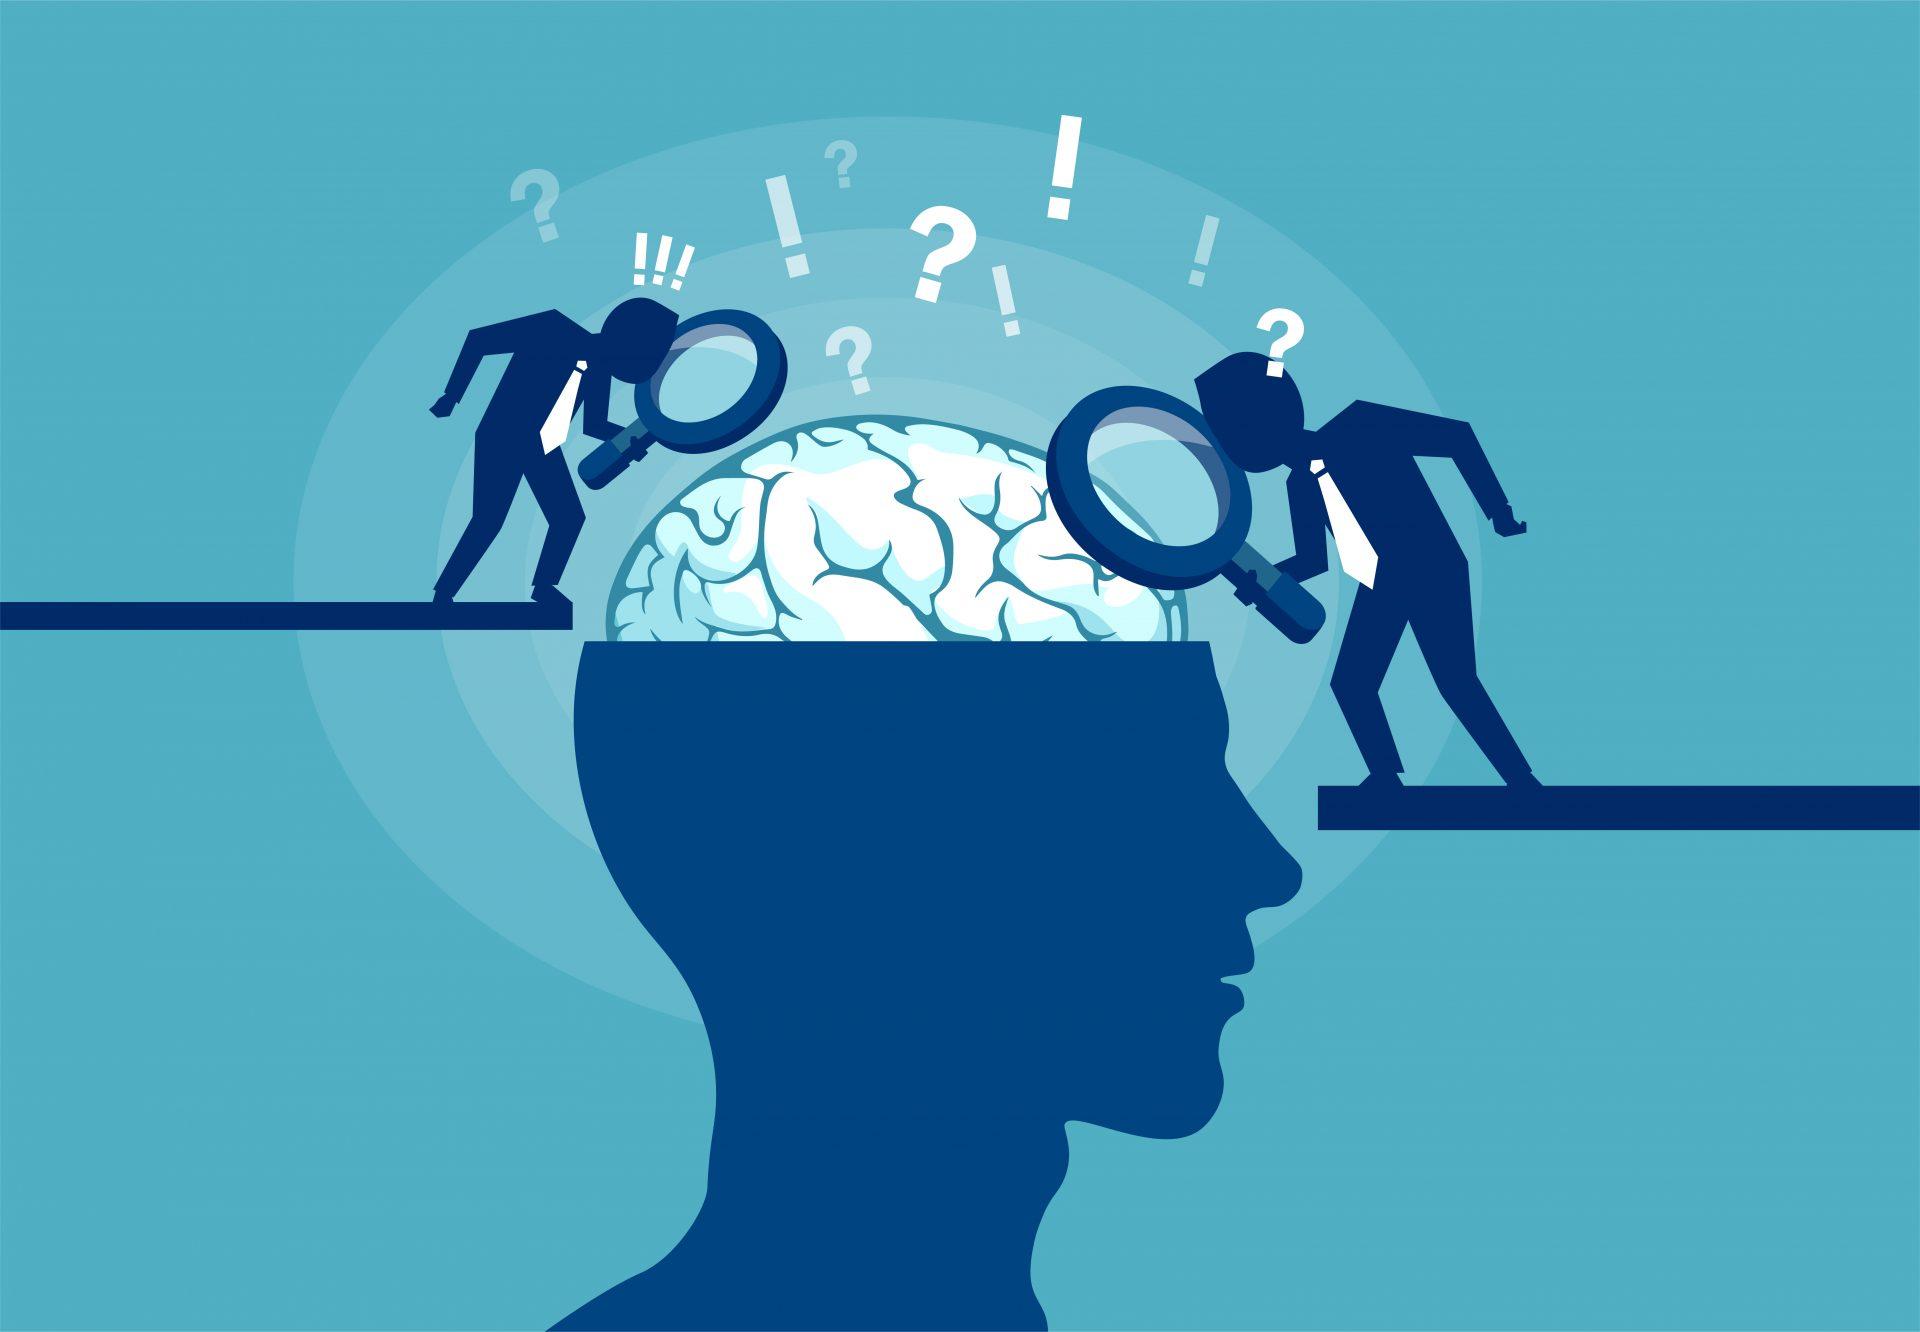 Bias cognitivi, cosa sono e perchè possono essere utilizzati nel marketing